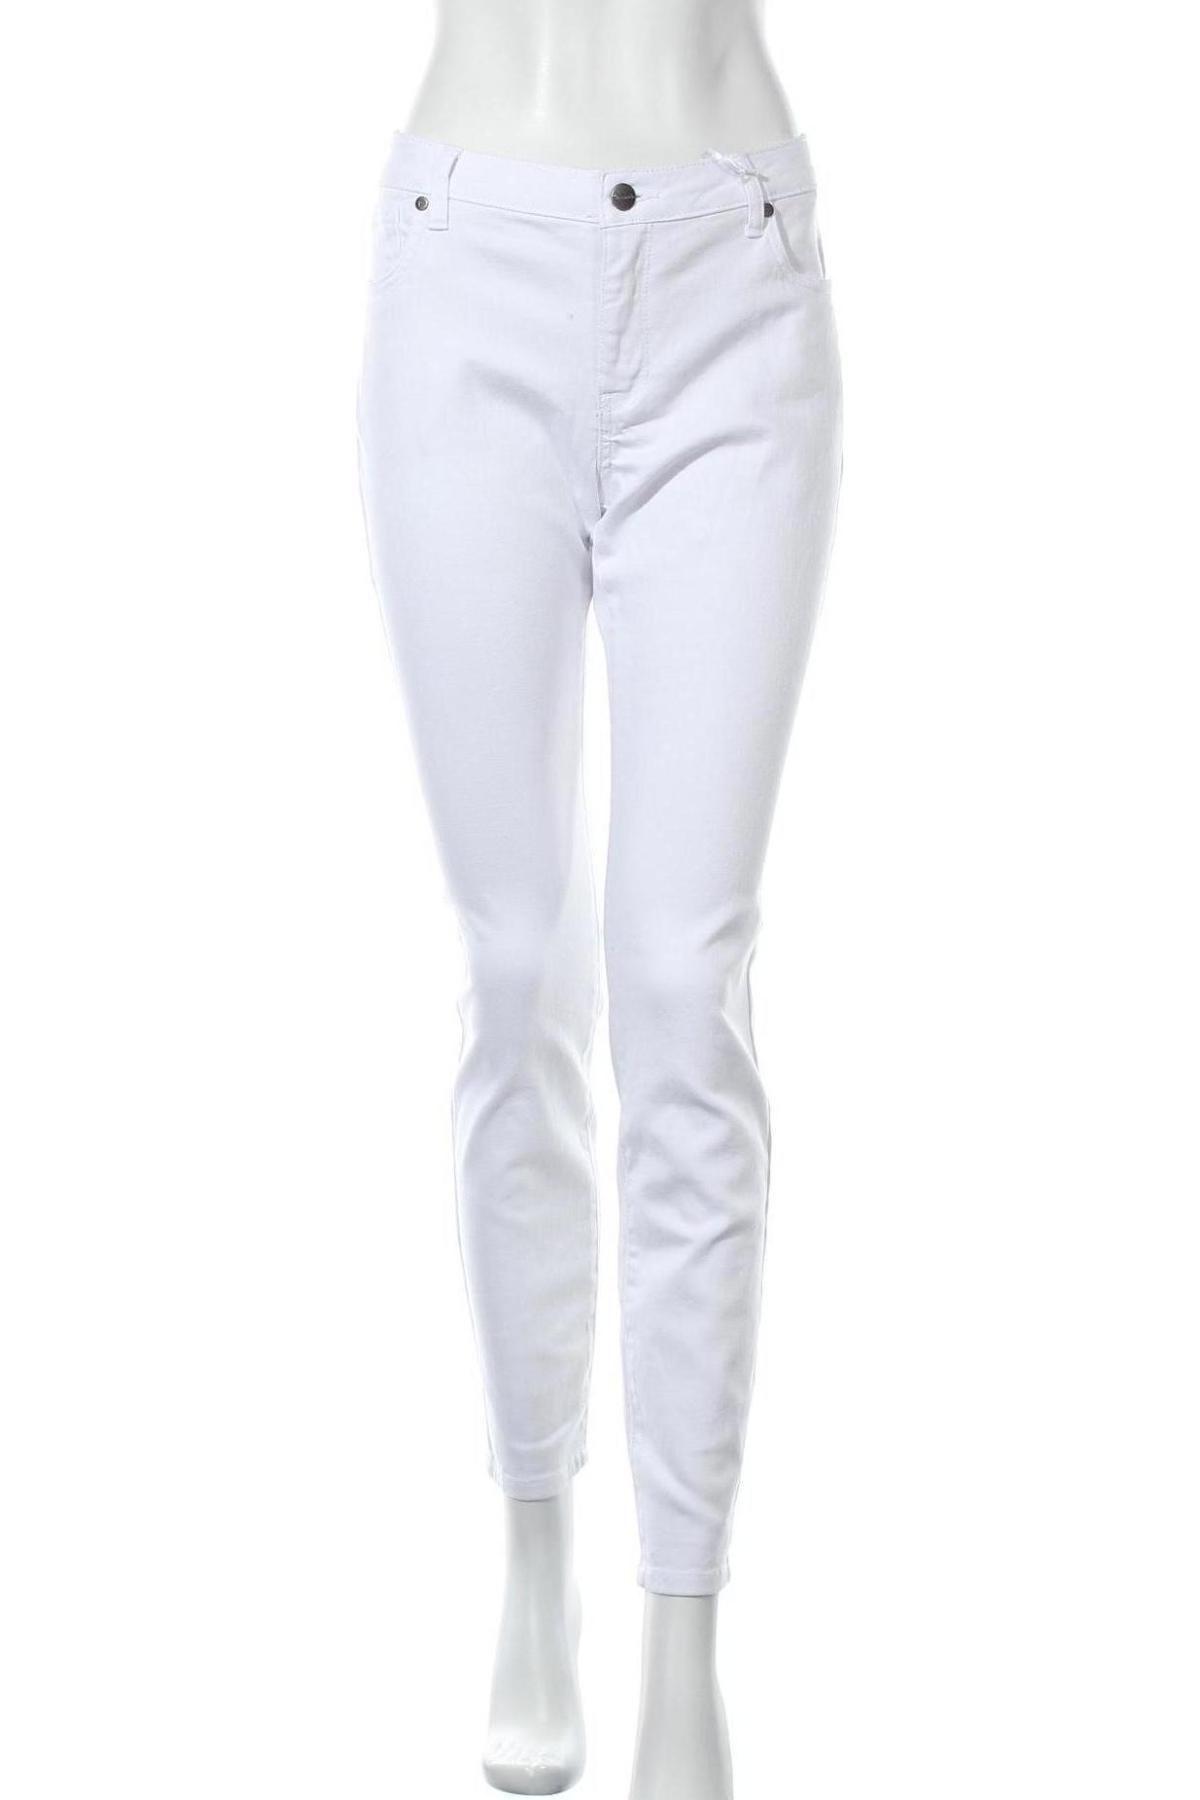 Дамски дънки Tamaris, Размер L, Цвят Бял, 98% памук, 2% еластан, Цена 51,75лв.